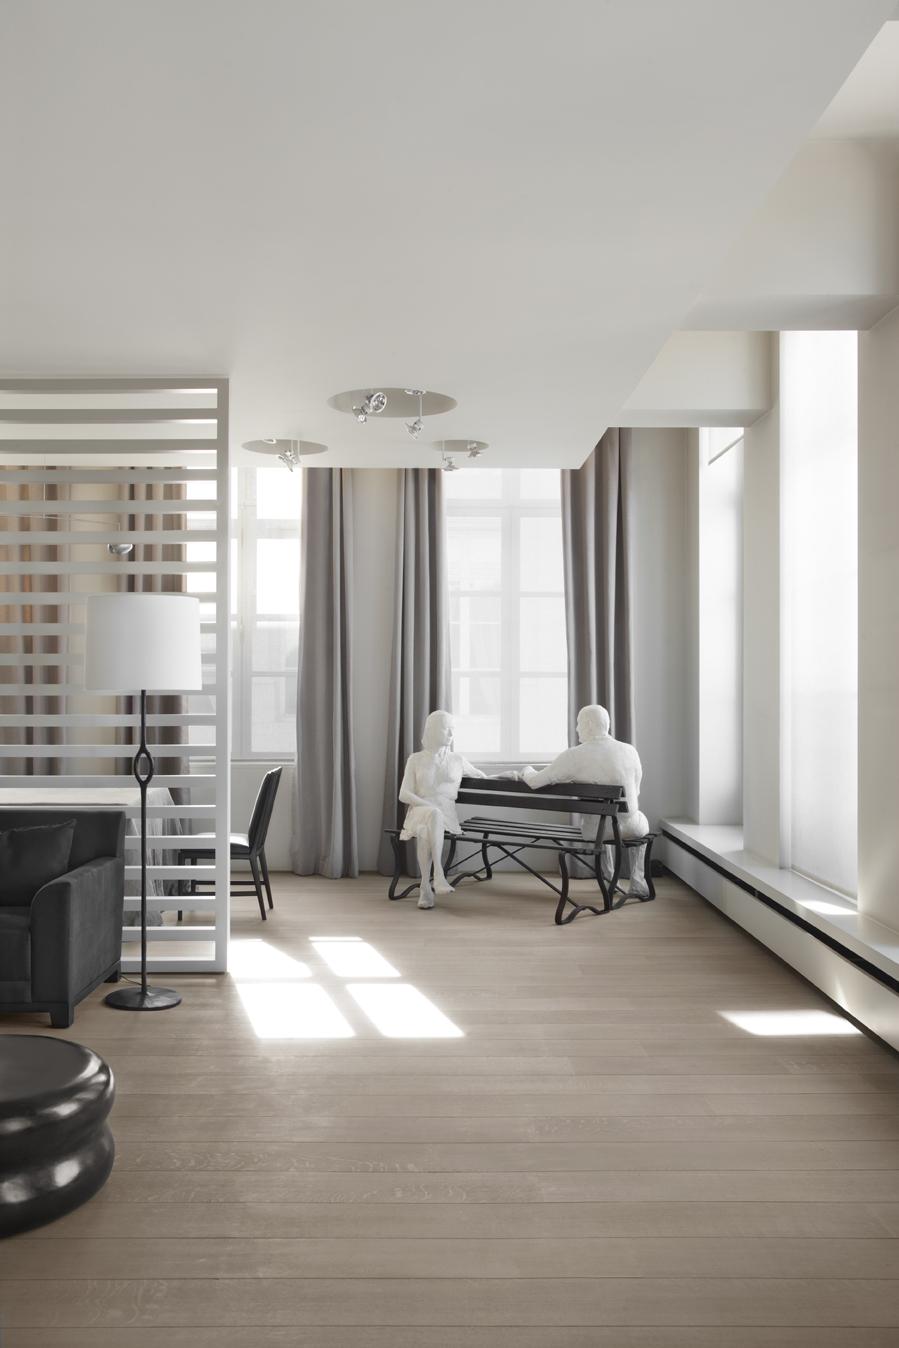 Olivier-Dwek-Architecture-Interior-Inspiration-1.jpg